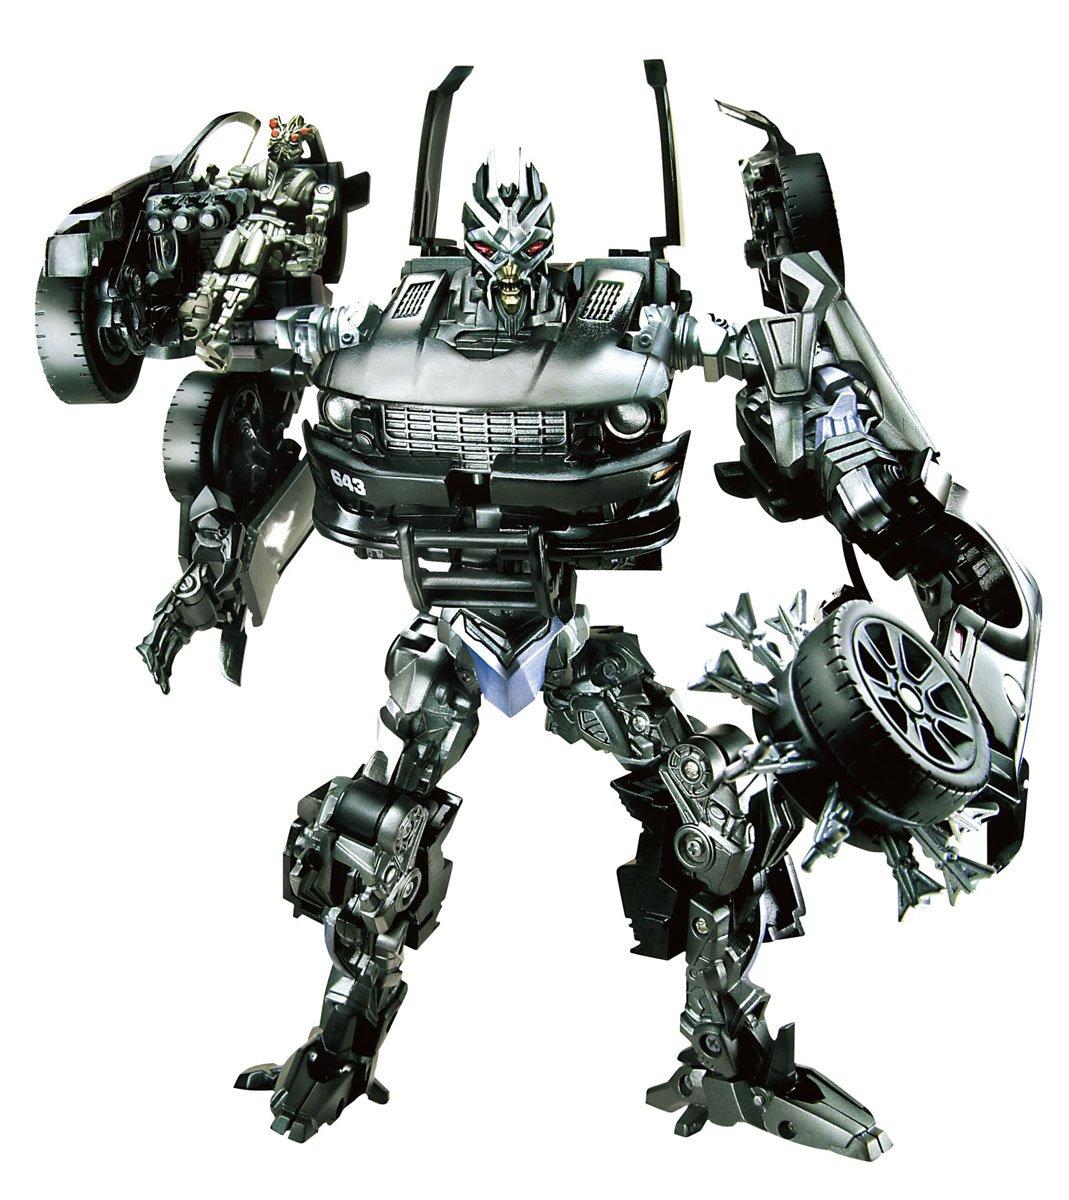 Transformers Movie Rd 24 Decepticon Barricade Amp Frenzy